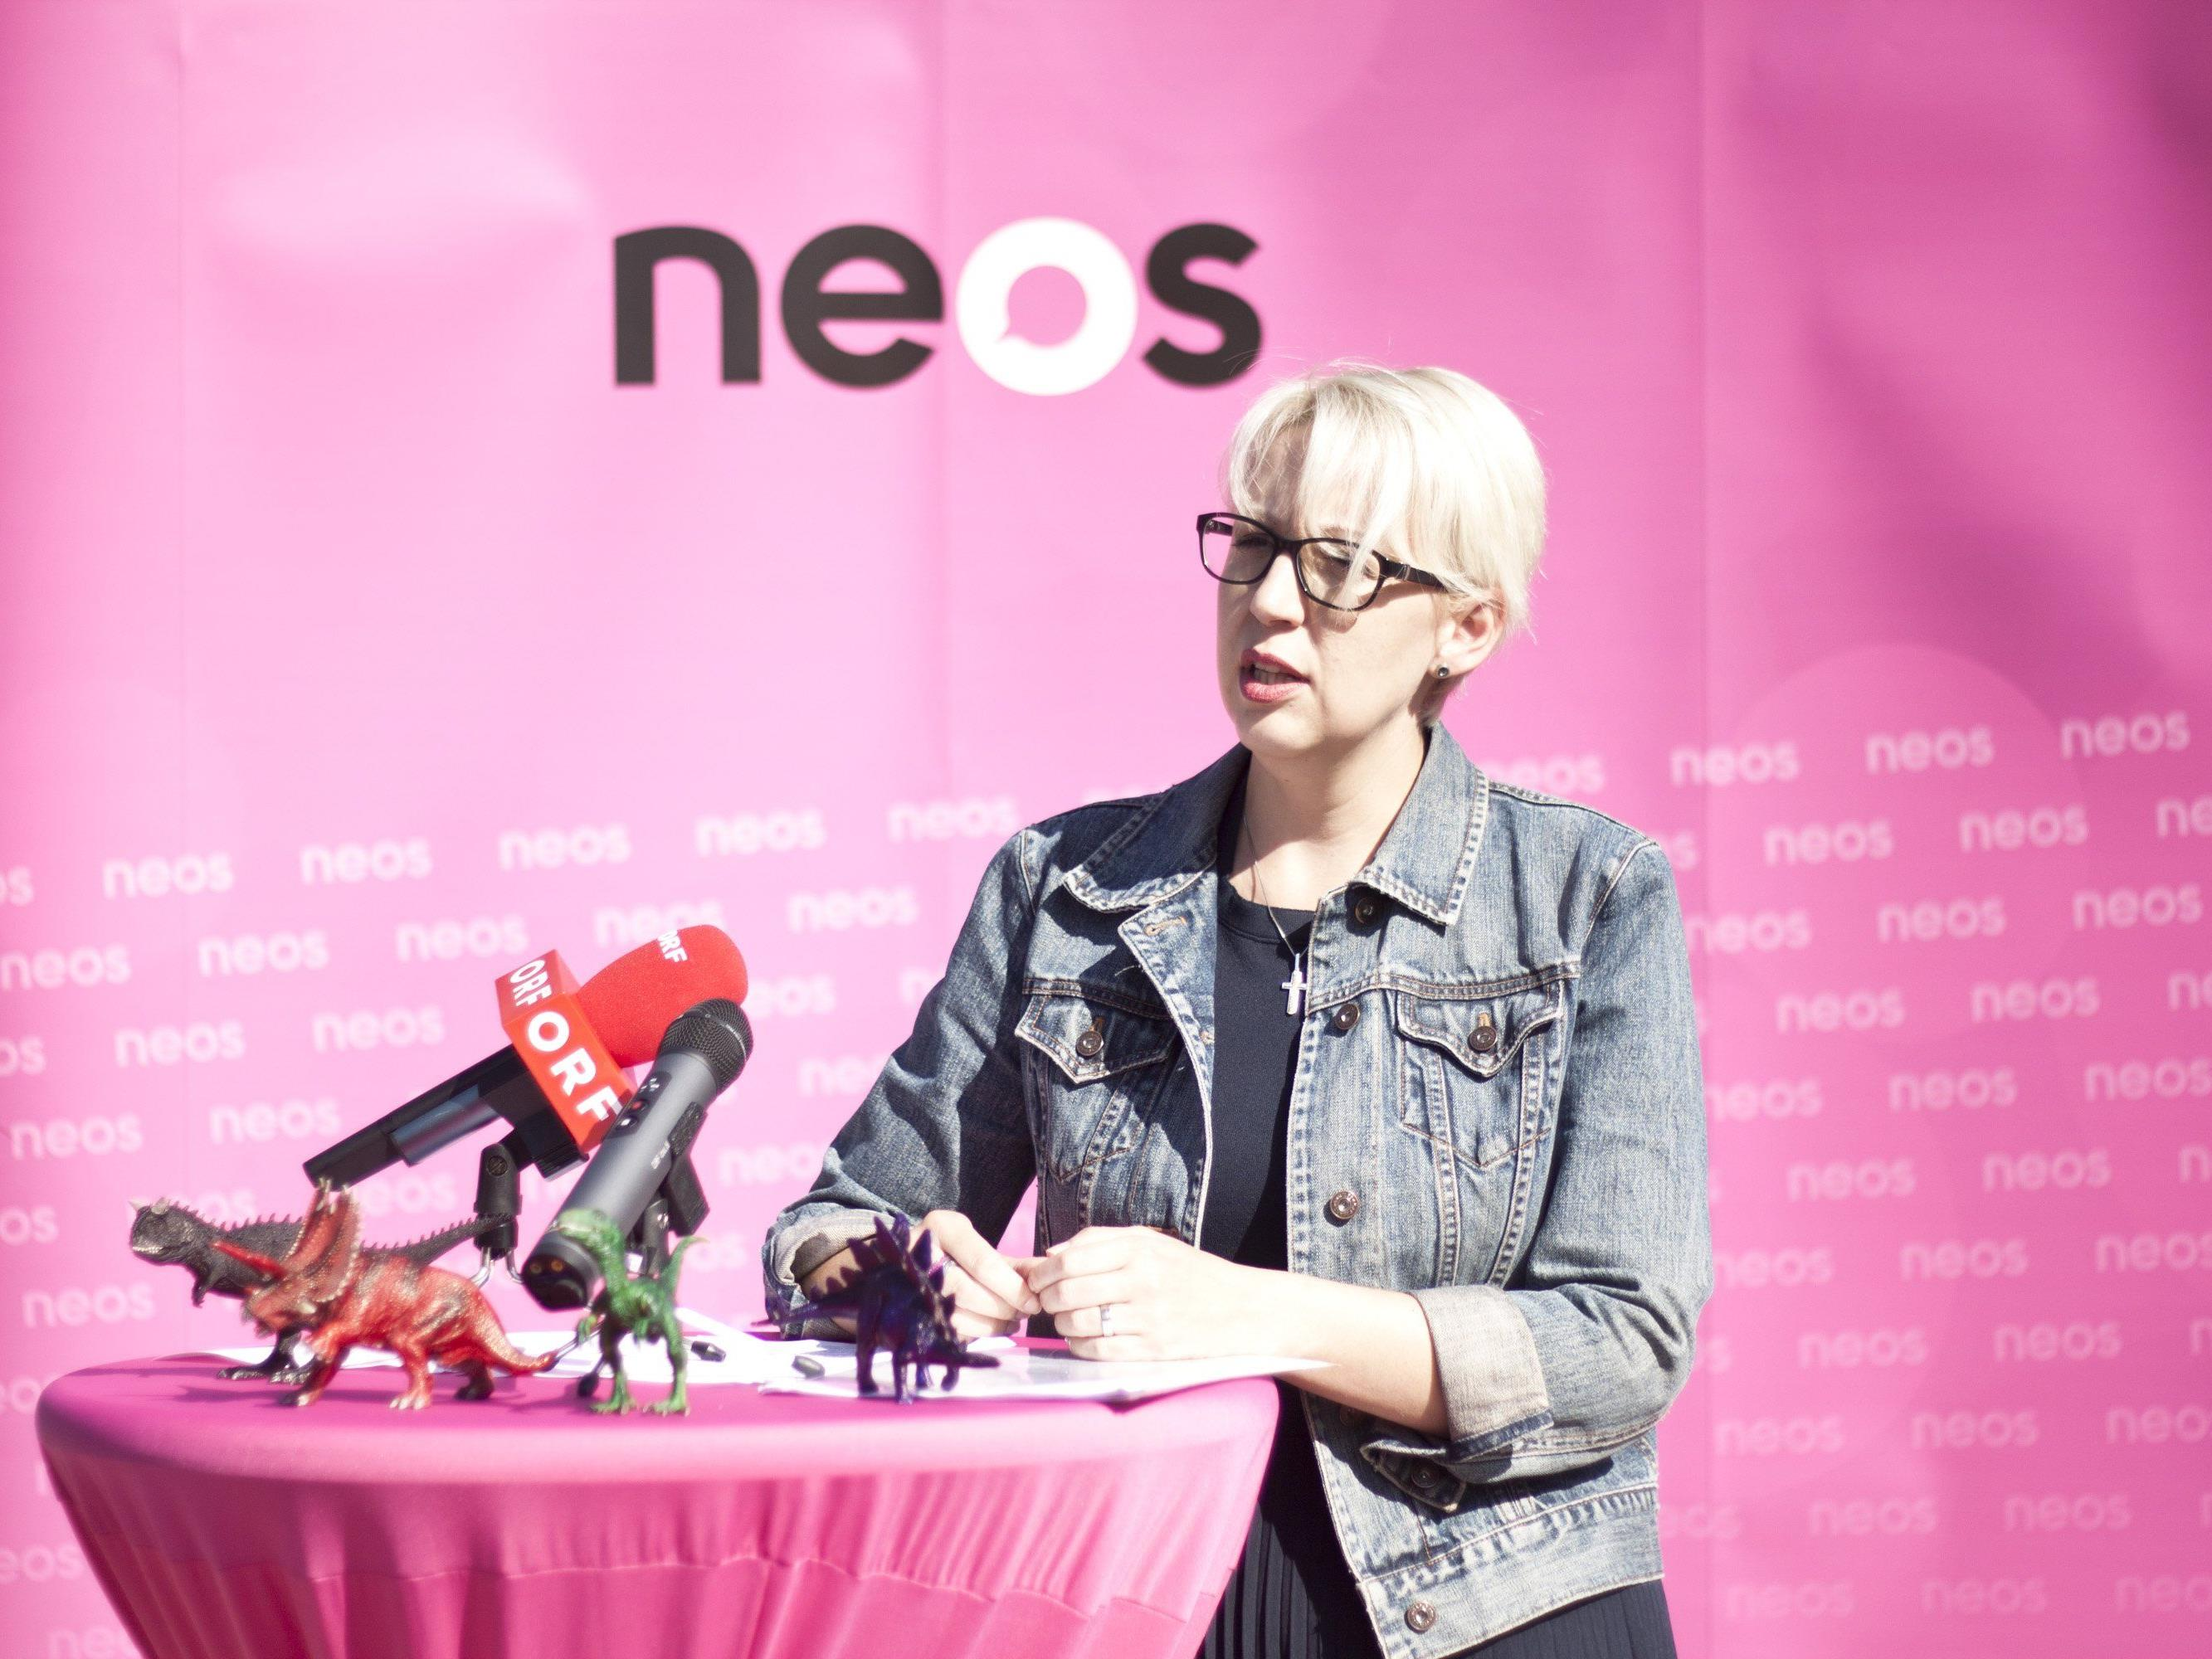 Spitzenkandidatin Scheffknecht fordert Reduzierung der Landesräte und Halbierung der Parteienförderung.